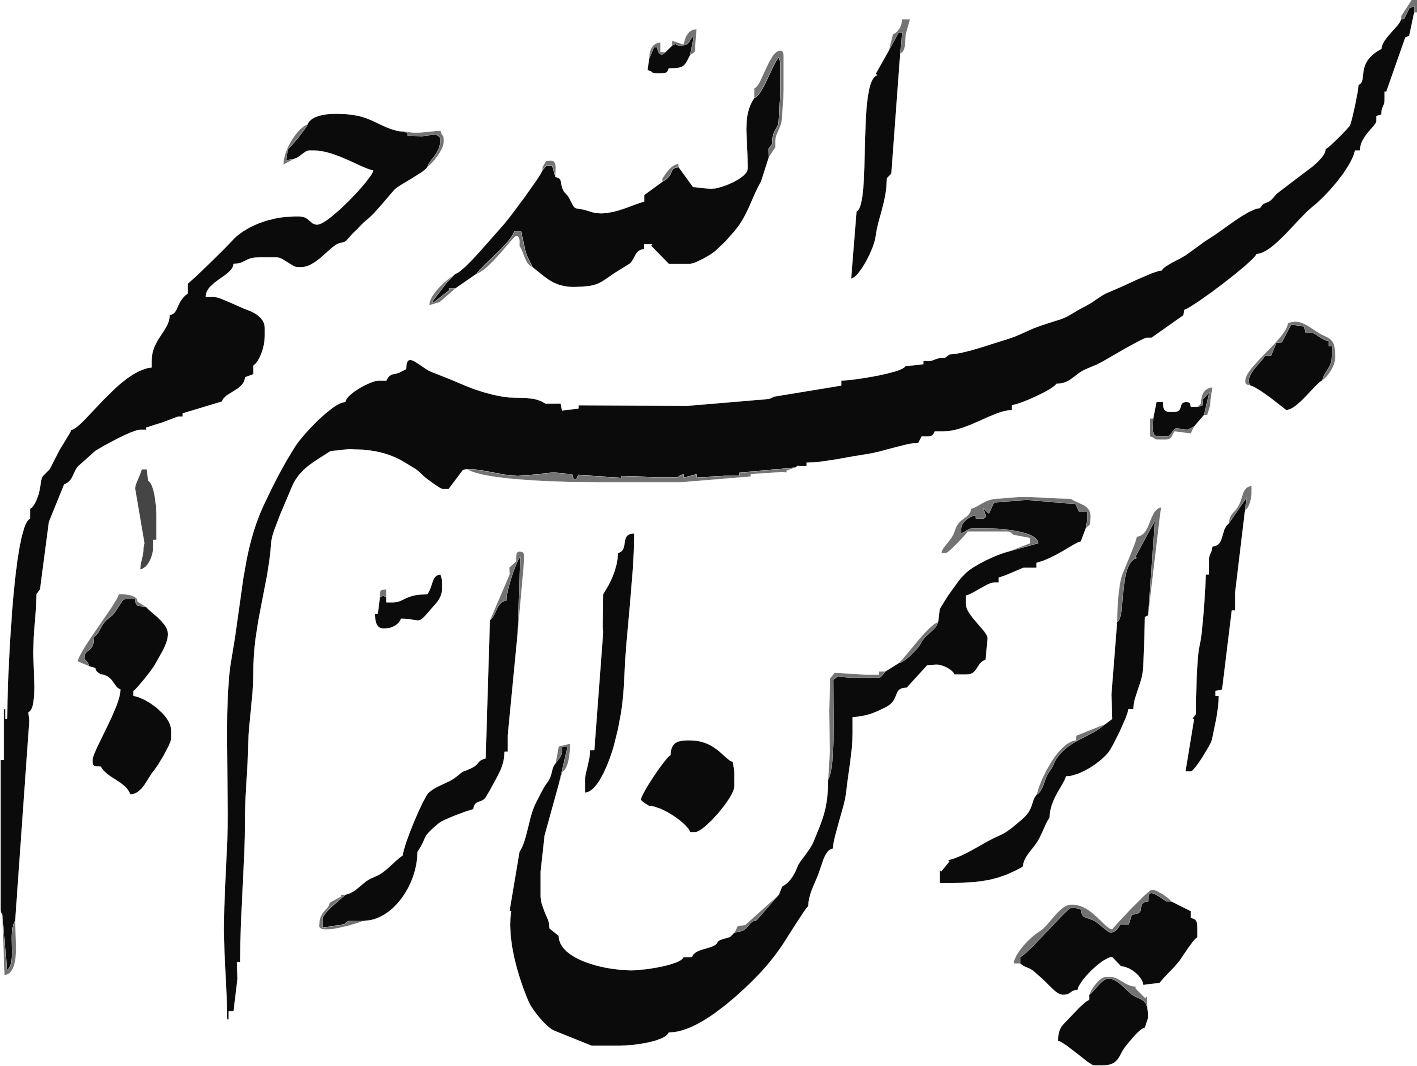 11 - طرح های  بسم الله الرحمن الرحیم برای مقاله و پایان نامه